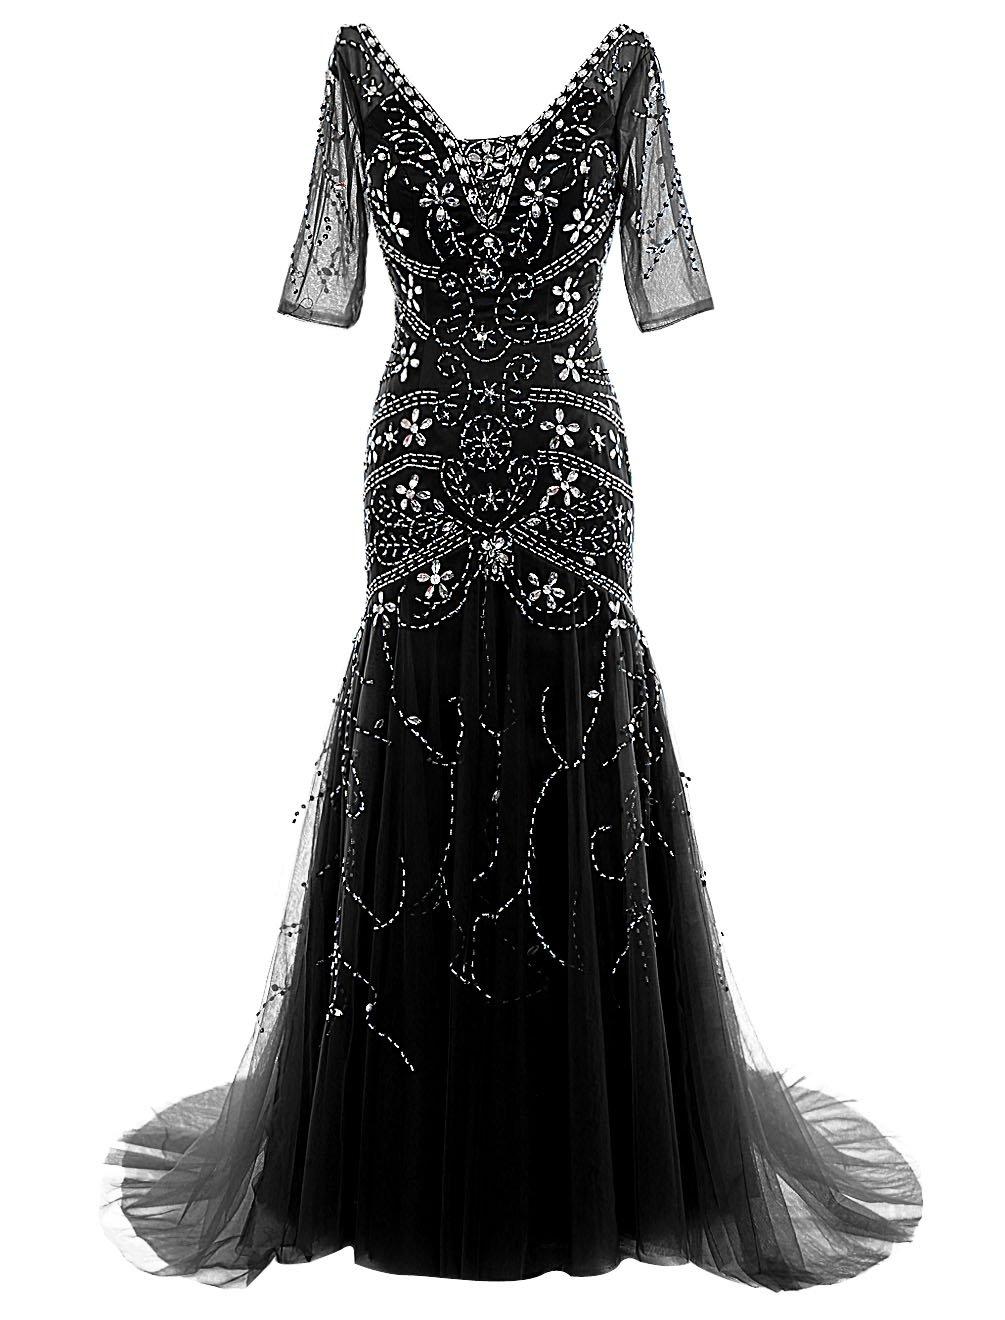 Dressystarレディースドレス ビーズ付く ロング丈 花嫁ドレス 袖あり レースアップバック ウェディングドレス 結婚式ドレス 二次会ドレス パーティーワンピース ステージドレス 演奏会 コンサートワンピース B018XDV874 7|ブラック ブラック 7